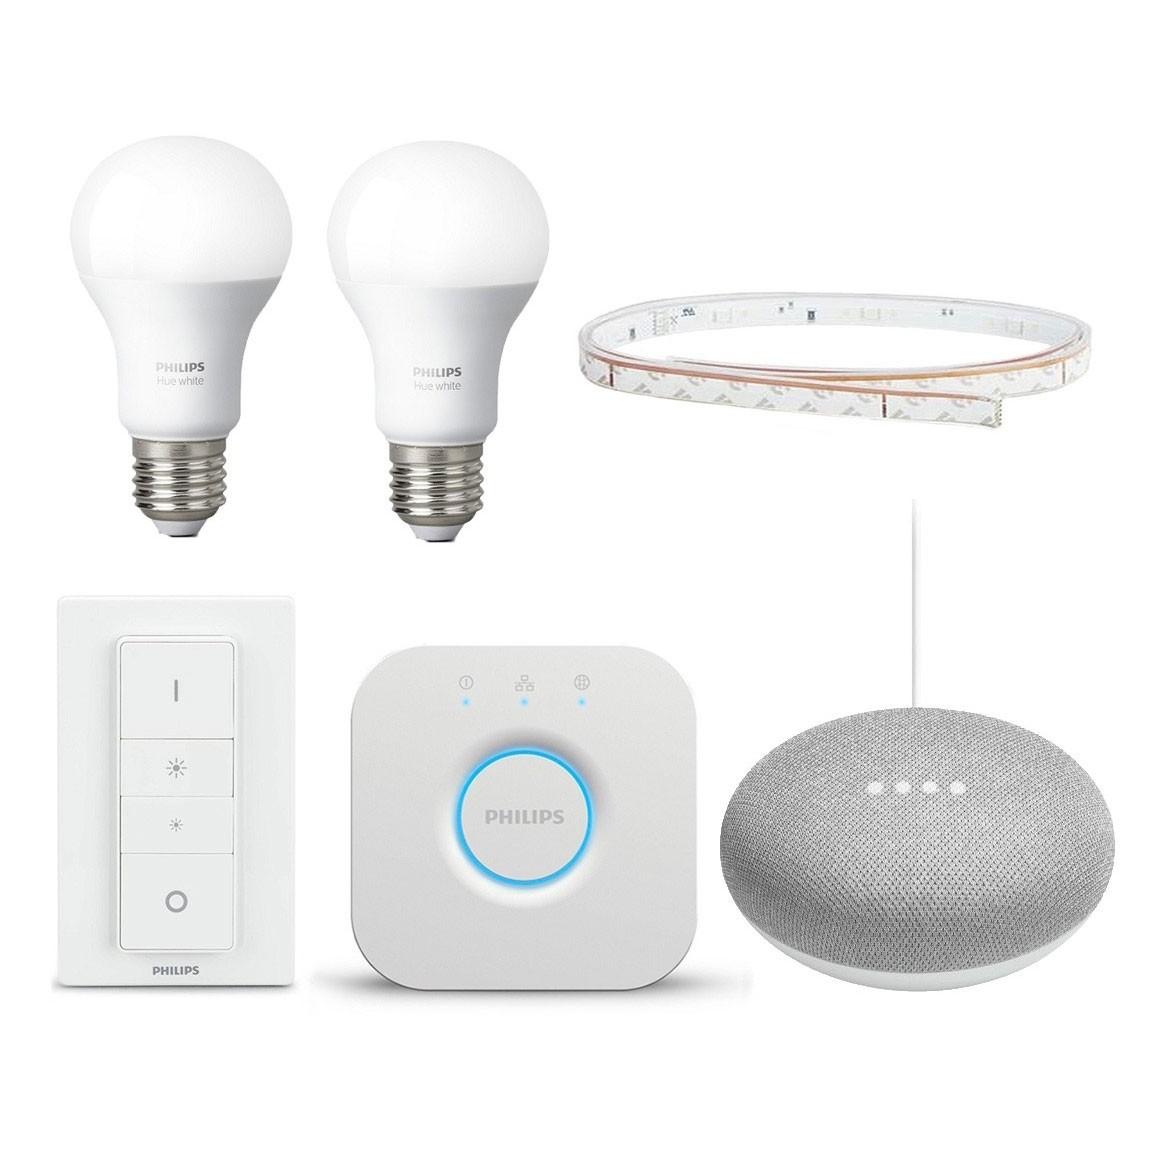 Philips Hue LightStrip Smart Starter Set + gratis Google Home Mini